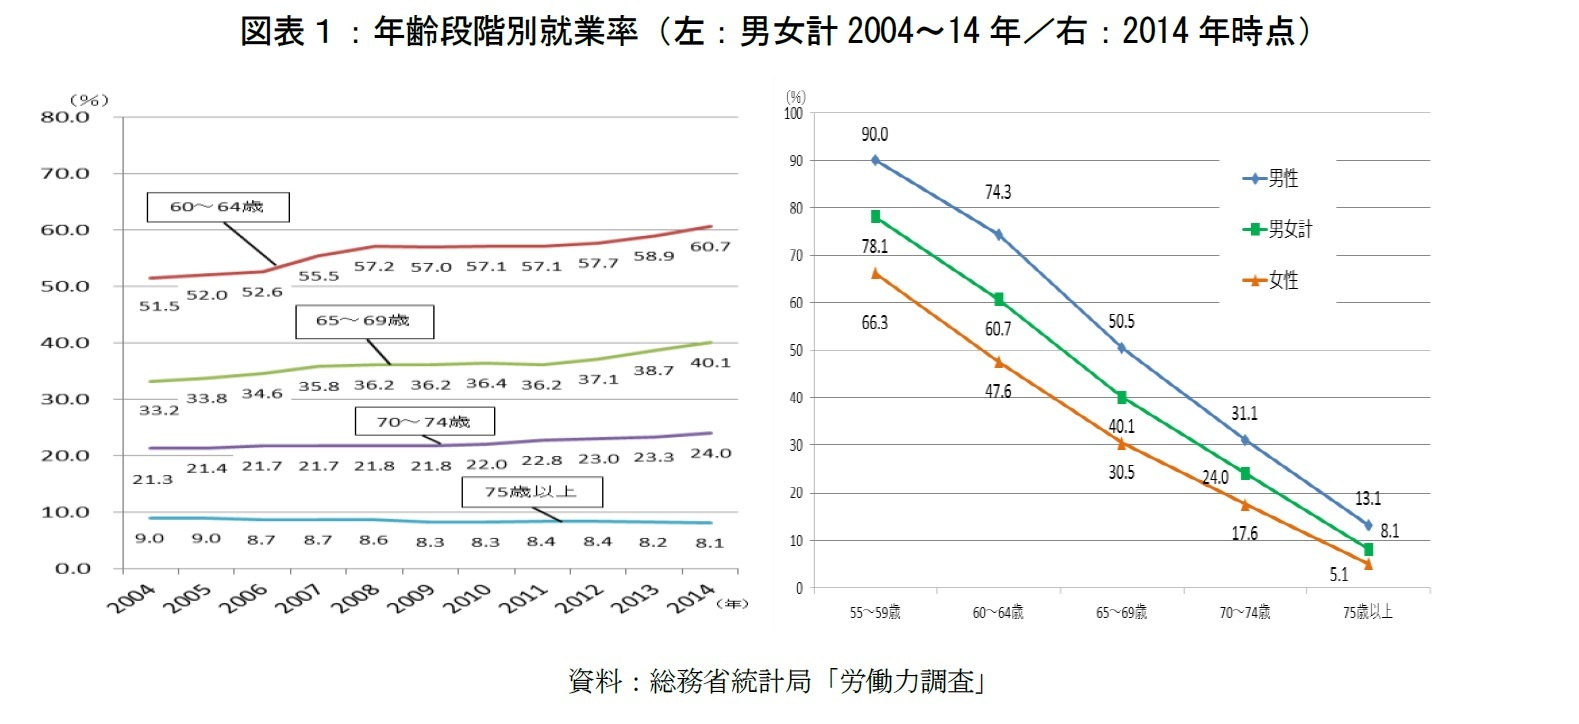 図表1:年齢段階別就業率(左:男女計2004~14年/右:2014年時点)